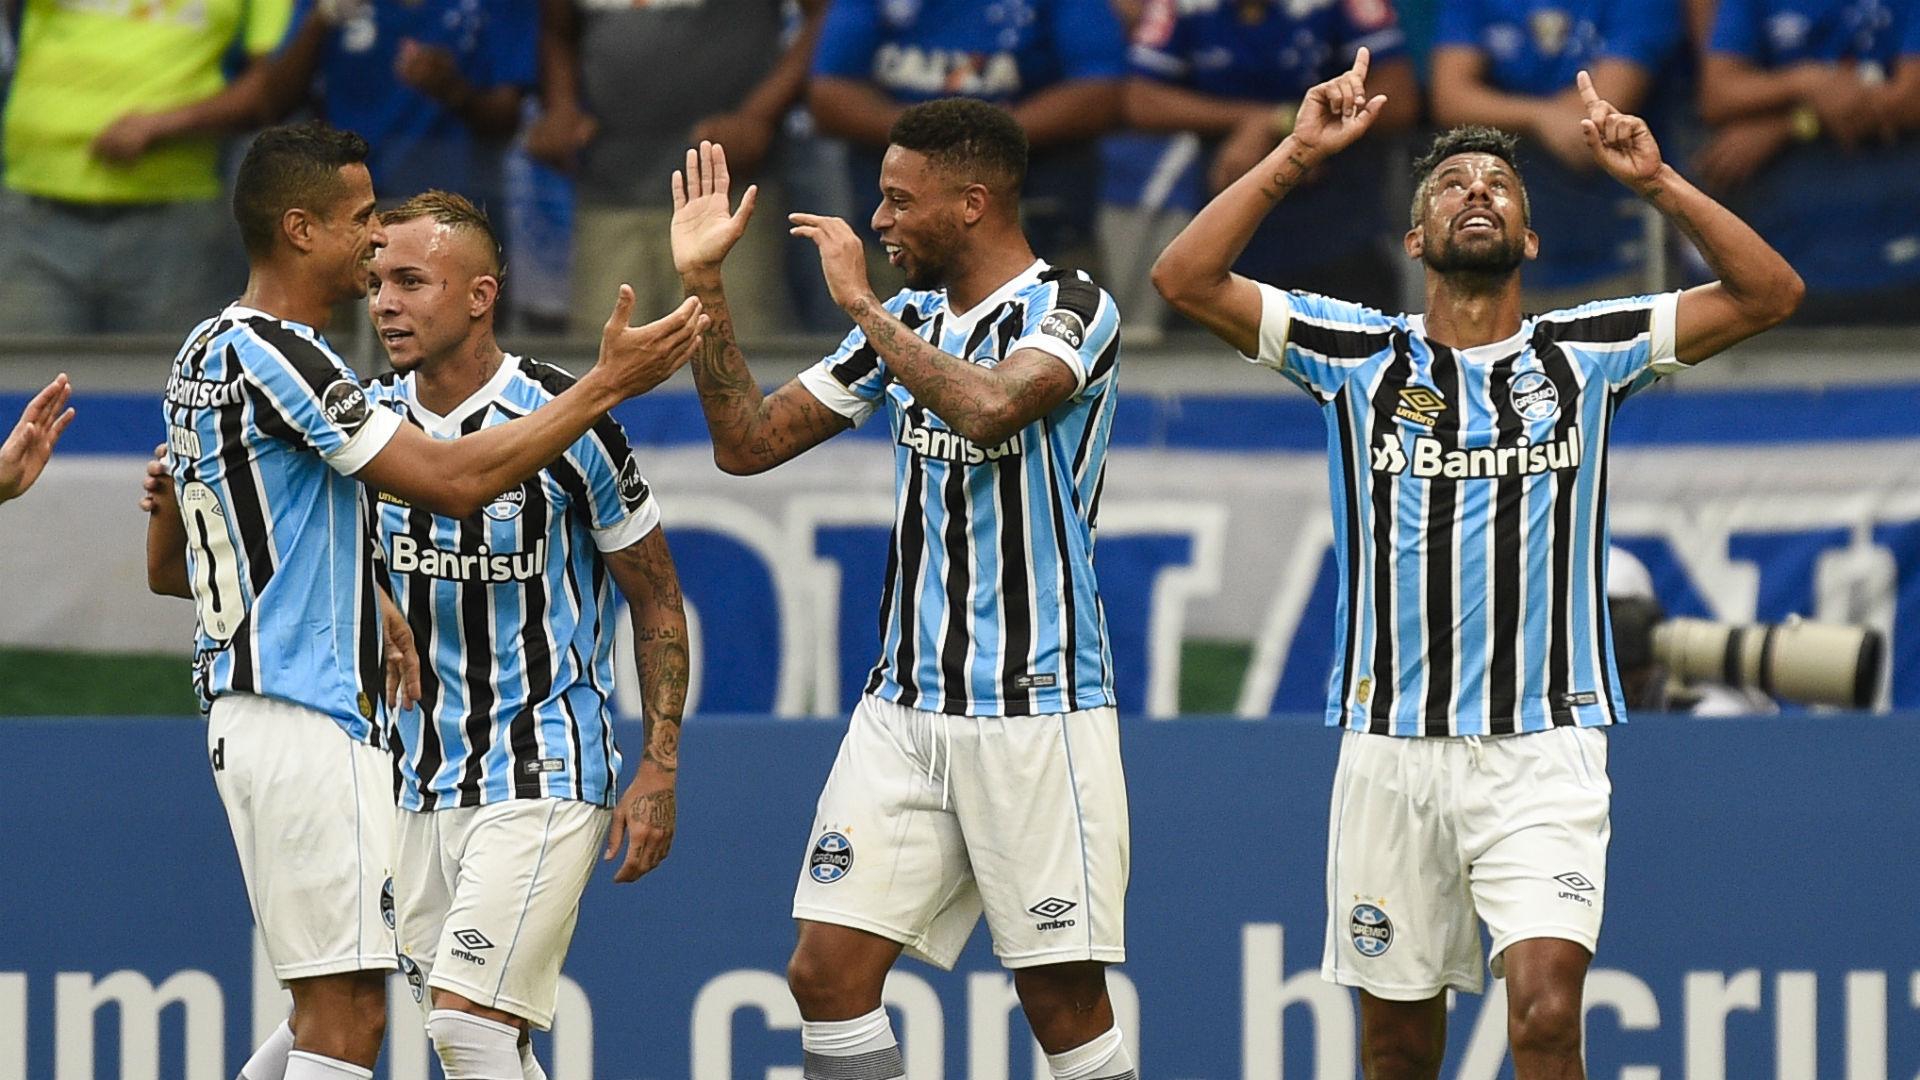 André Léo Moura Grêmio Cruzeiro Brasileirão 14 04 2018